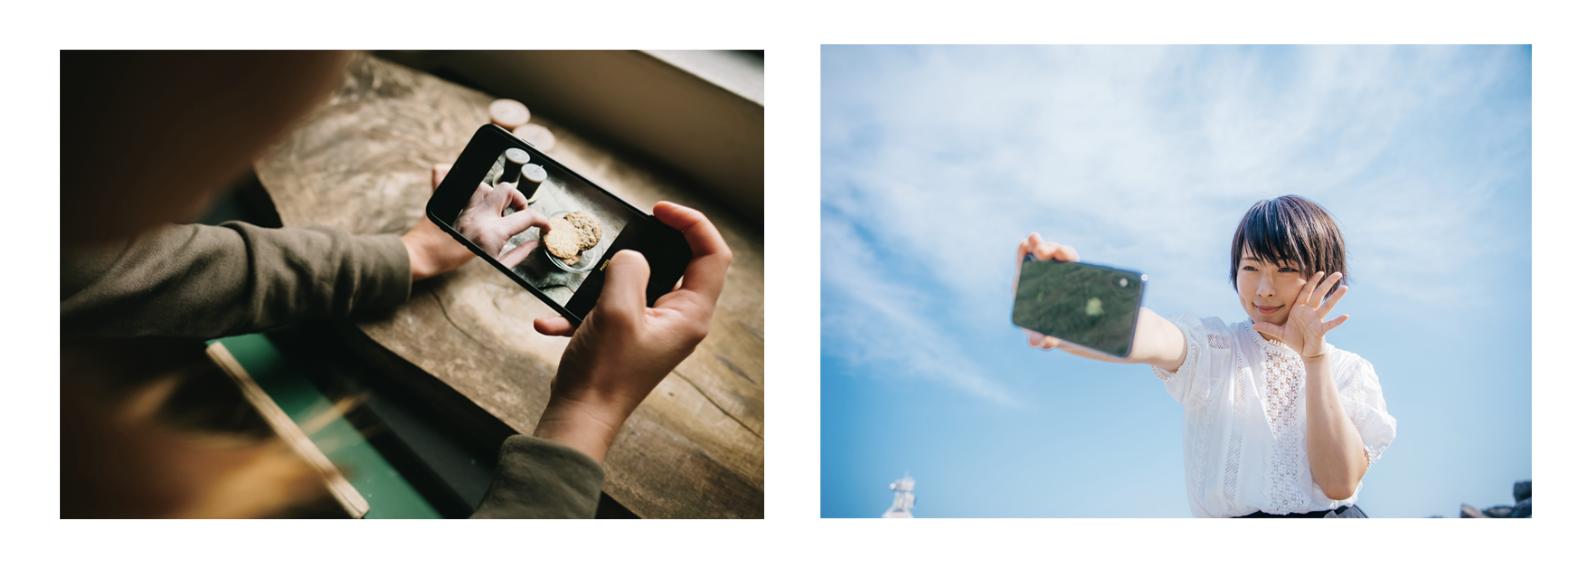 動画初心者が買うべきおすすめカメラのスマホ撮影のイメージ画像